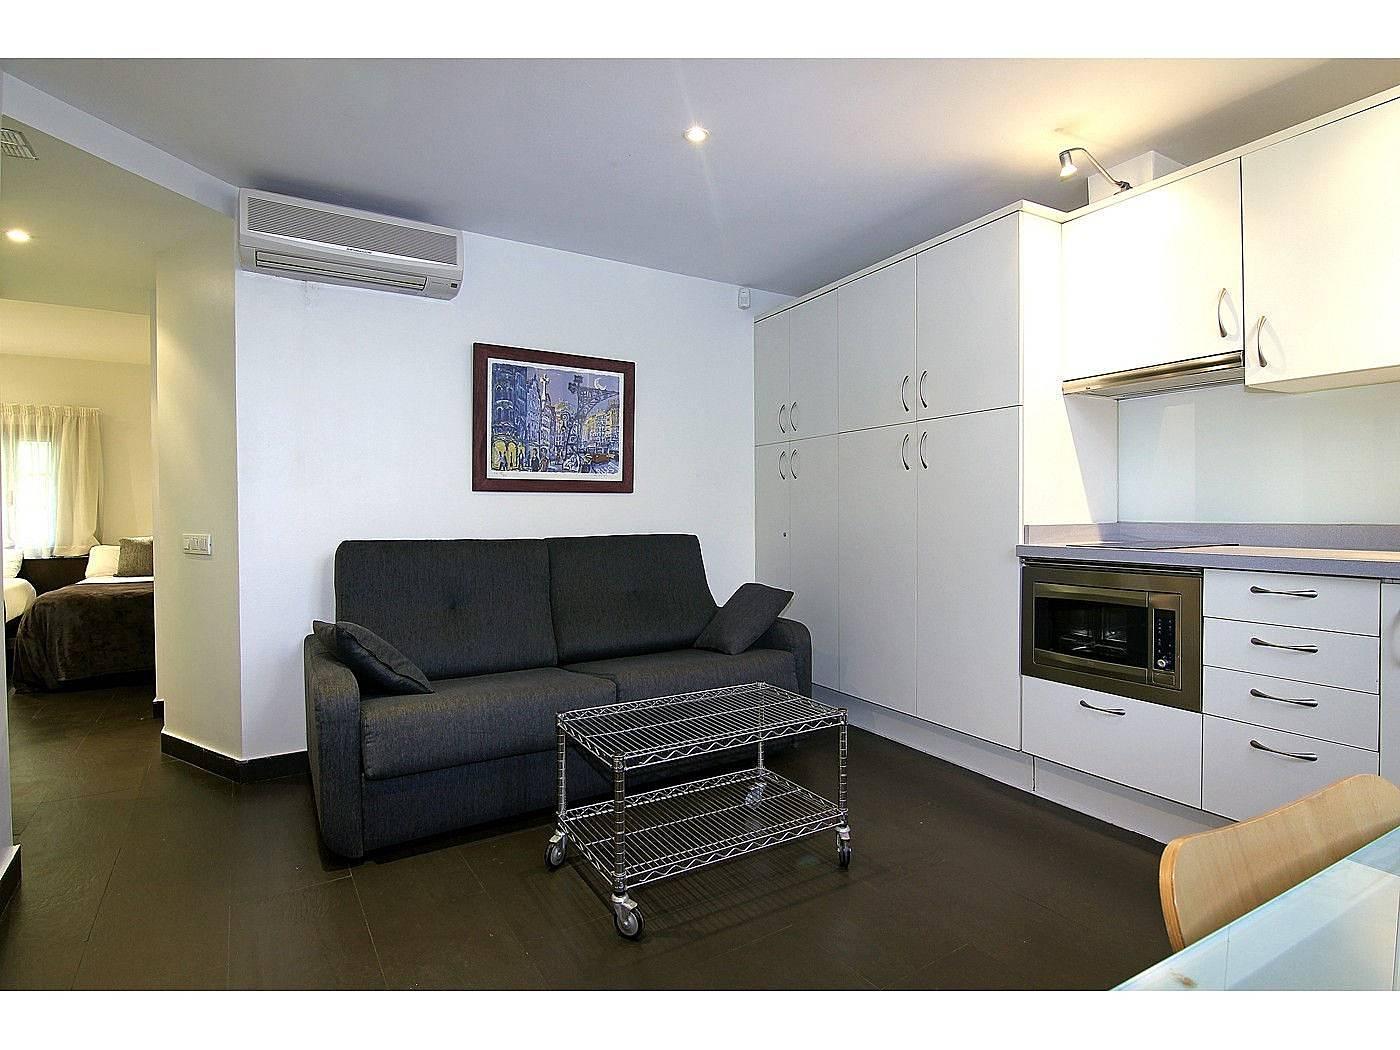 Appartement pour 3 personnes barcelone centre - Appartement de vacances barcelone mesura ...